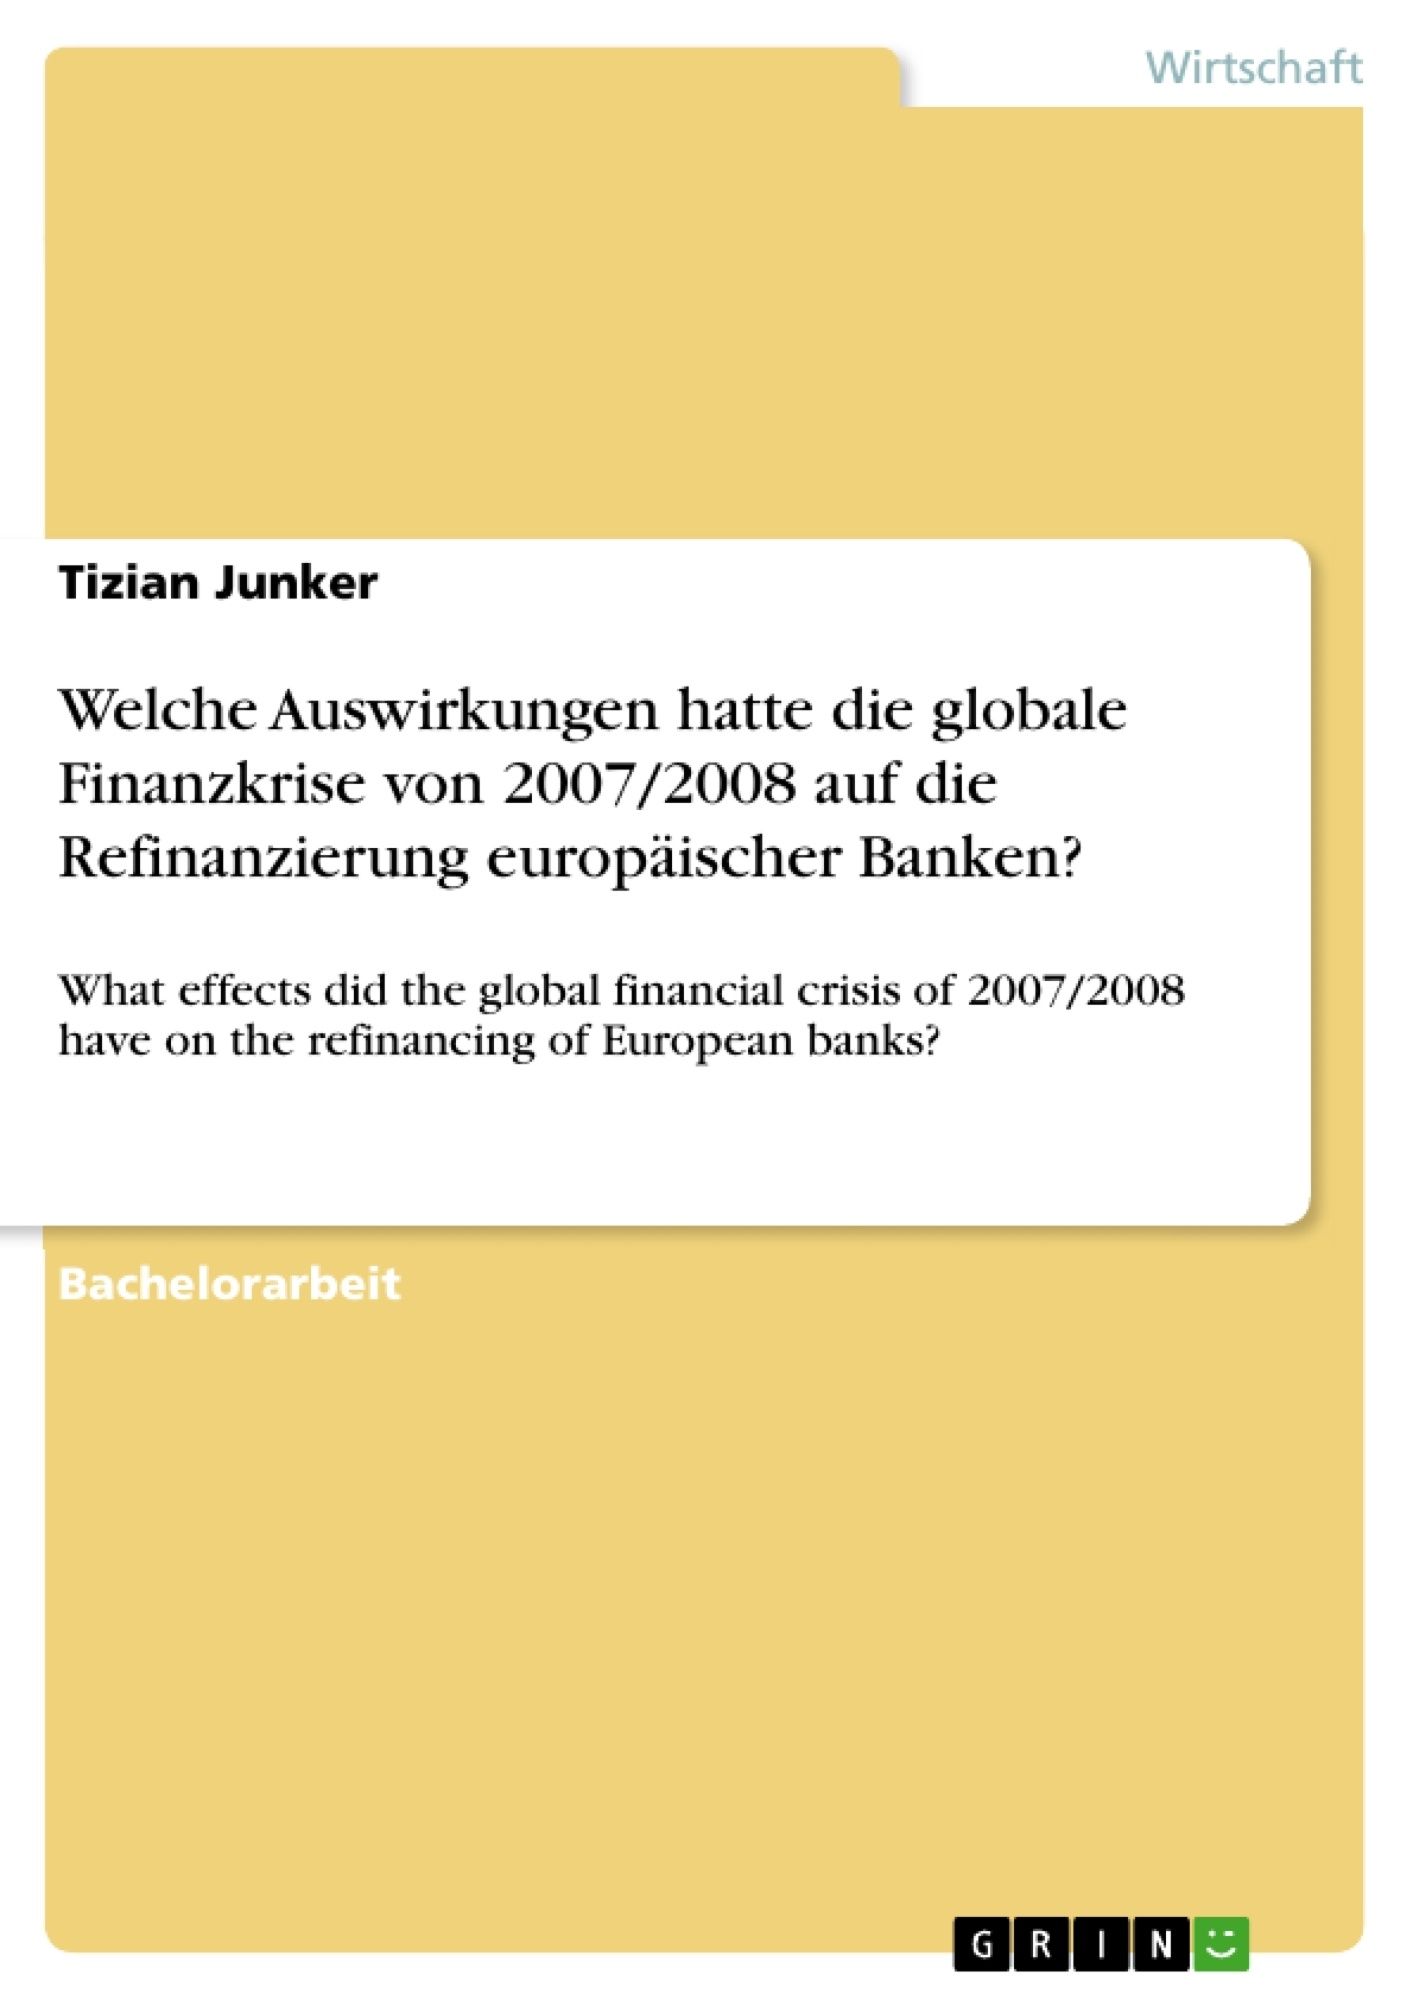 Titel: Welche Auswirkungen hatte die globale Finanzkrise von 2007/2008 auf die Refinanzierung europäischer Banken?